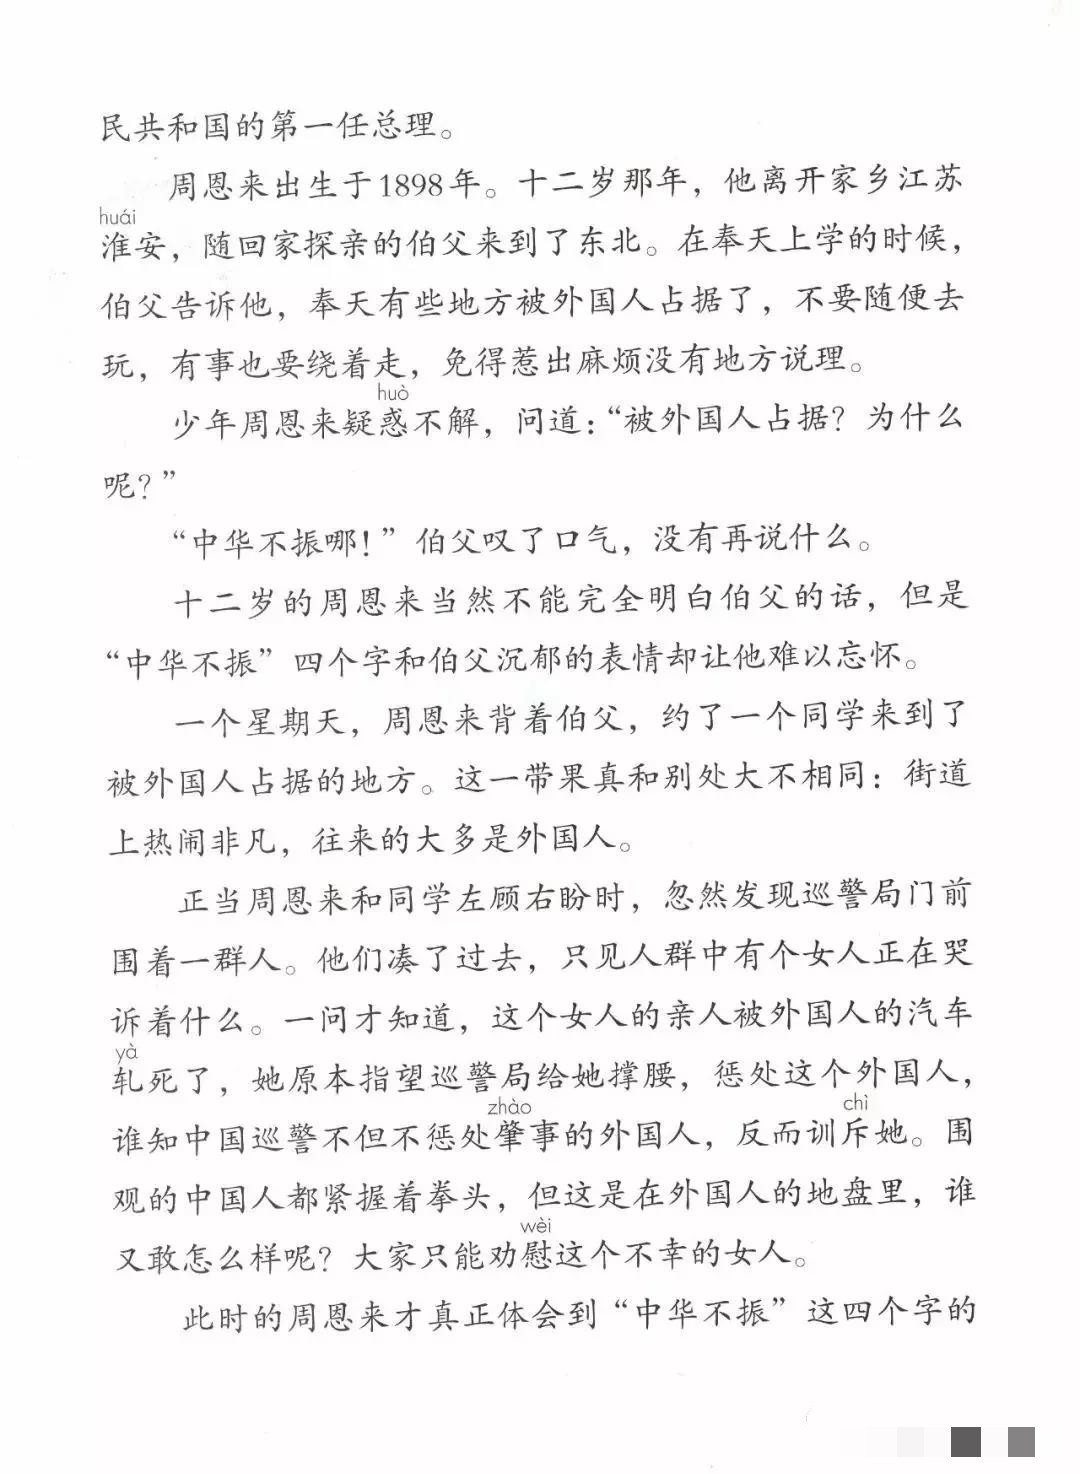 统编版四年级上册第22课《为中华之崛起而读书》知识点